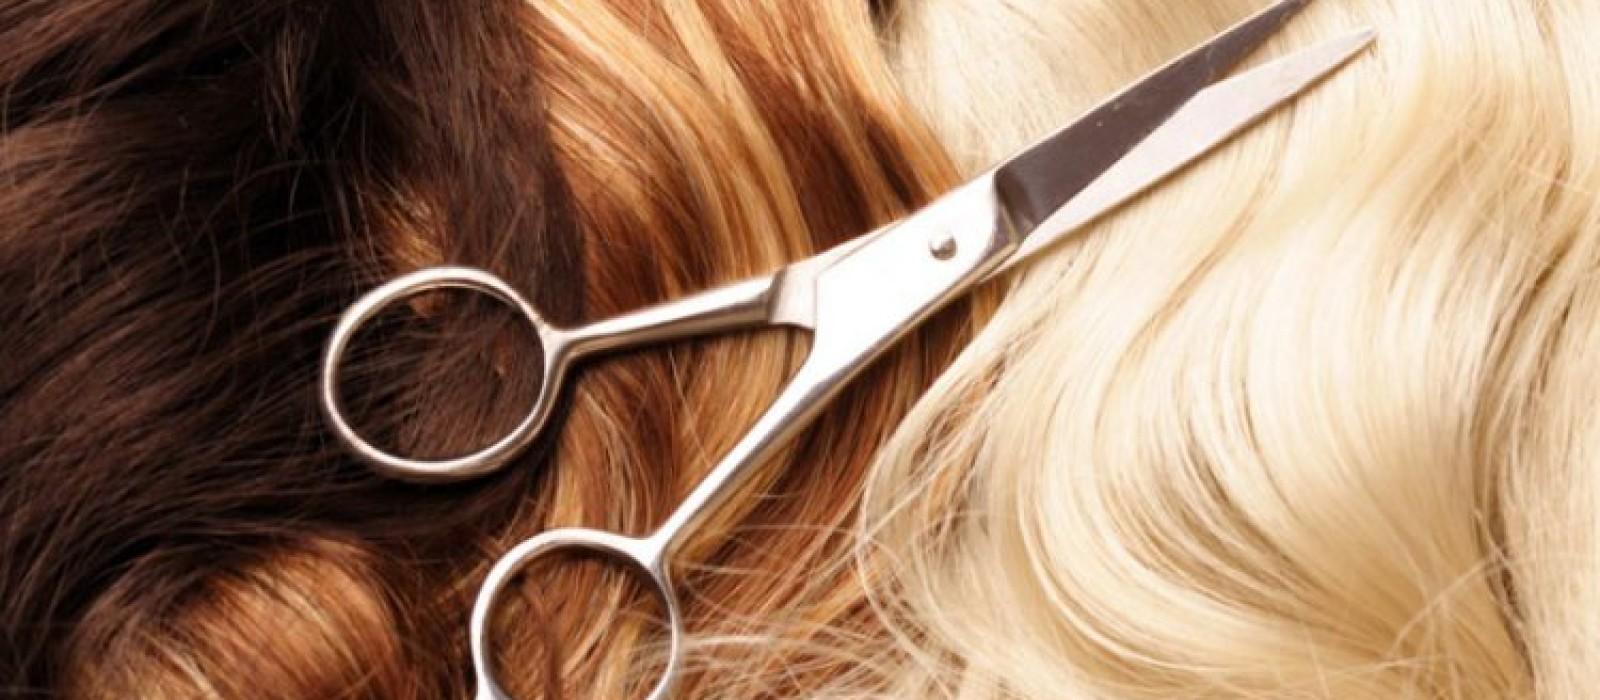 Promene počinju od frizure